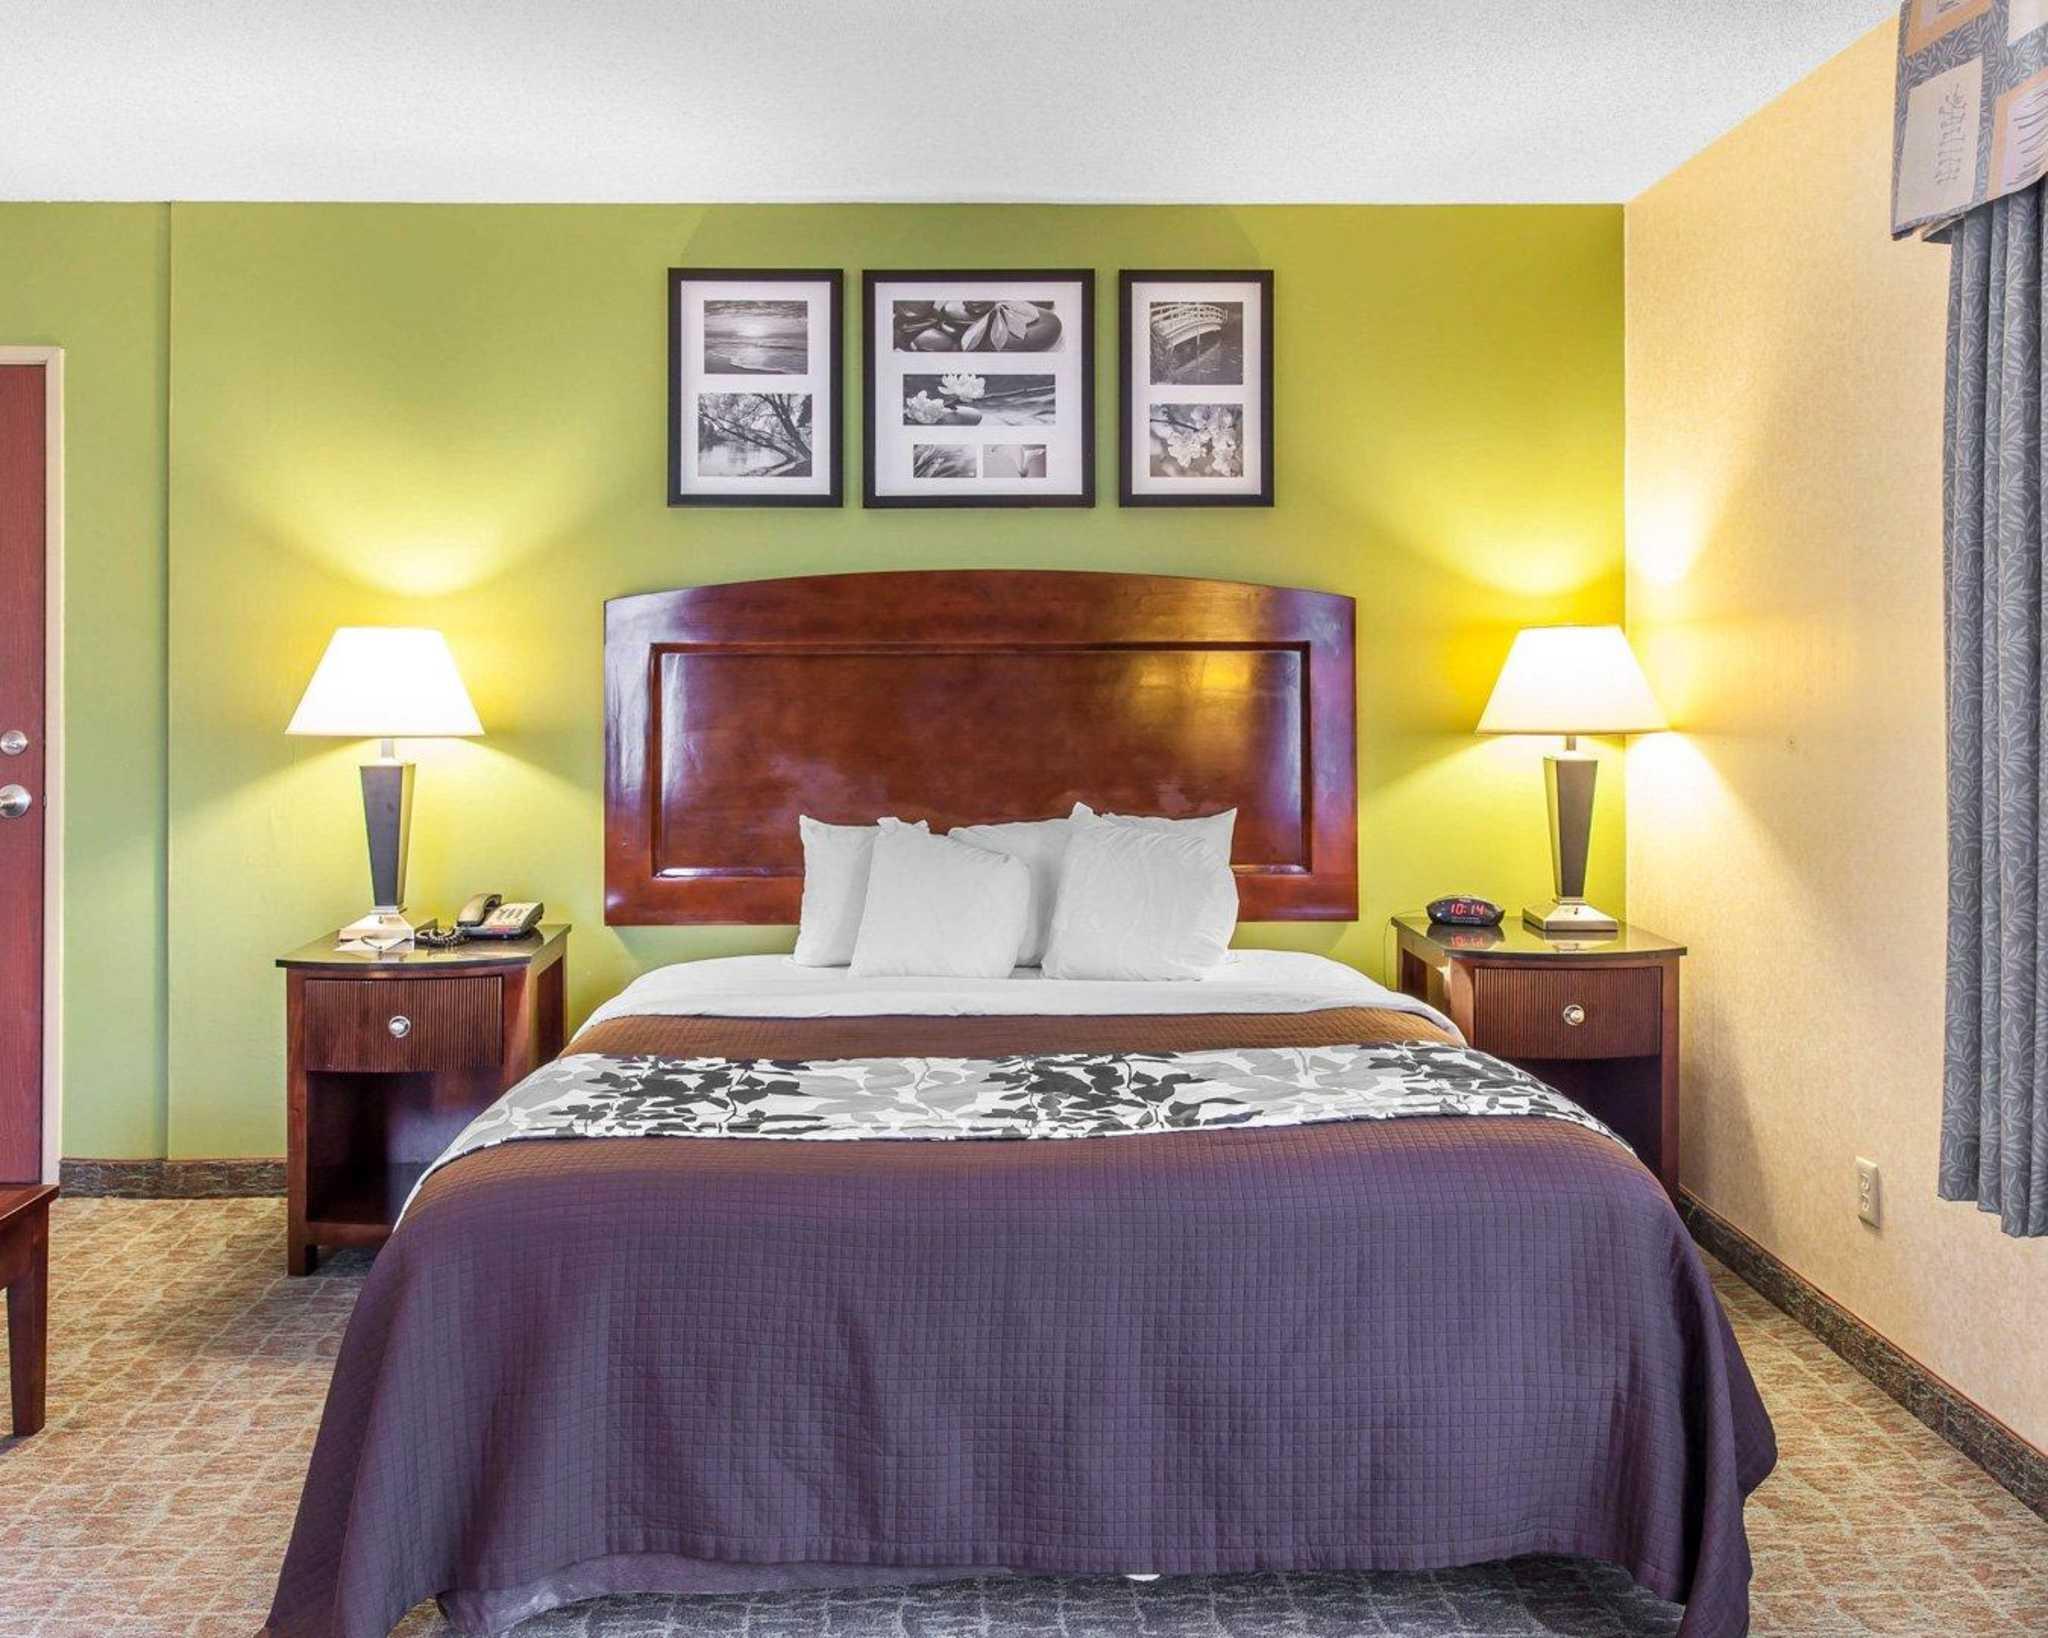 Sleep Inn & Suites Upper Marlboro near Andrews AFB image 8